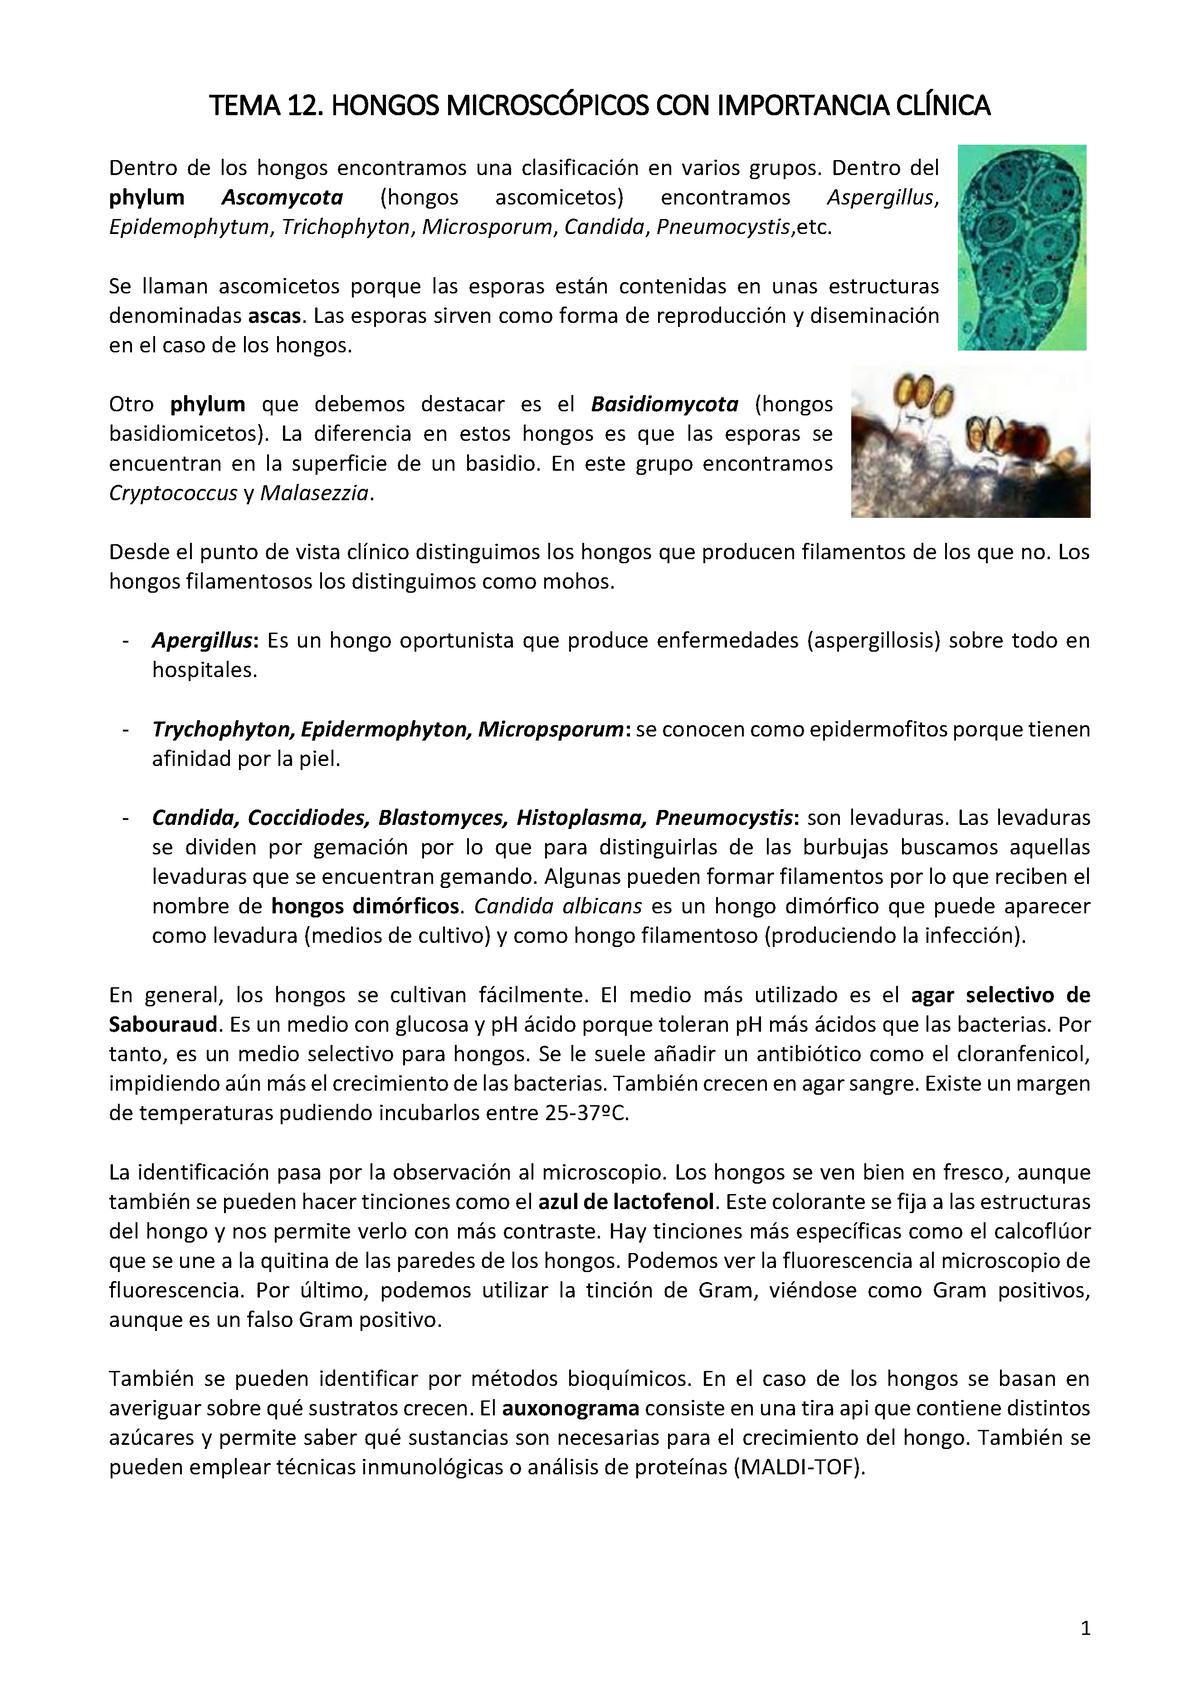 Tema 12 Hongos Microscópicos Con Importancia Clínica Studocu